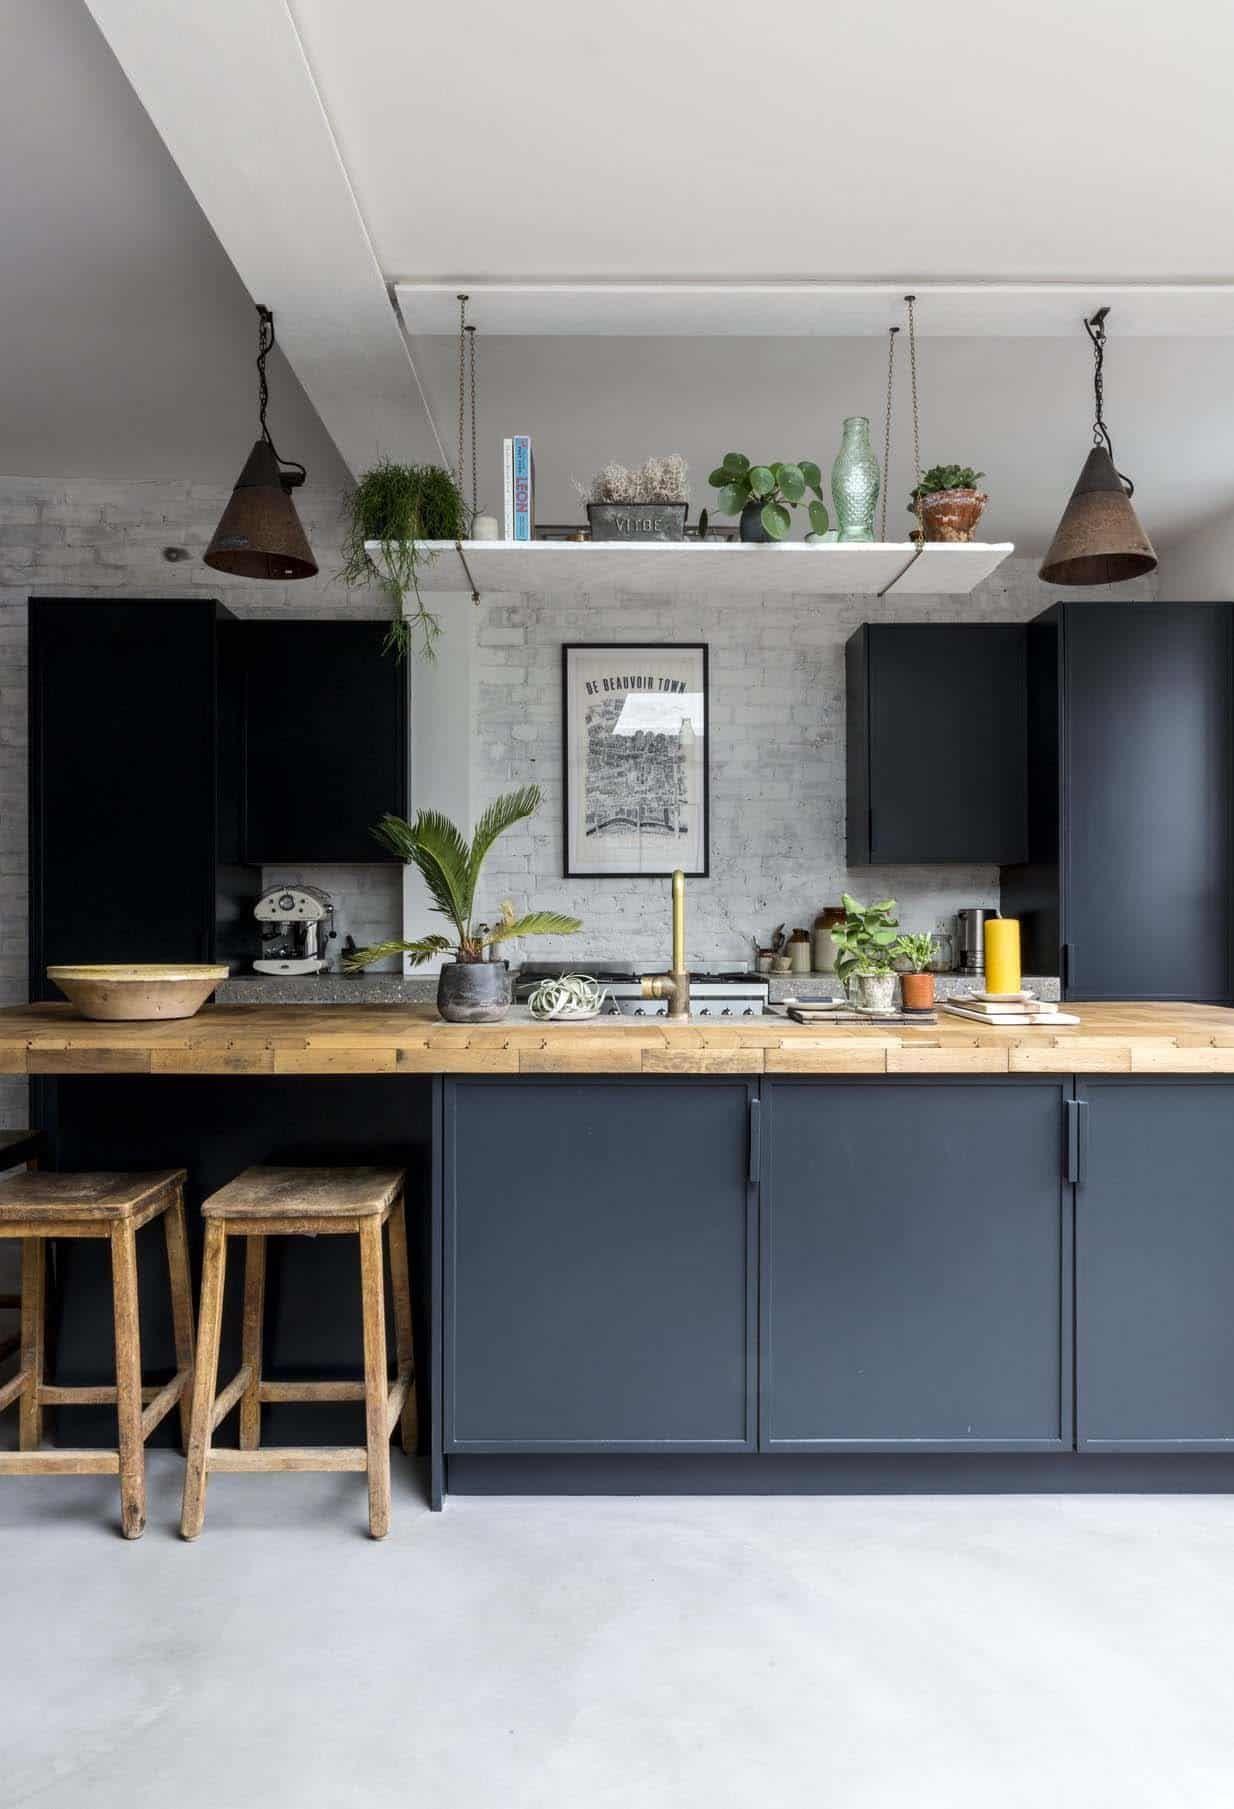 1890 S Victorian Cottage In England Gets A Fascinating Transformation Kitchen Flooring Kitchen Island Storage Best Flooring For Kitchen